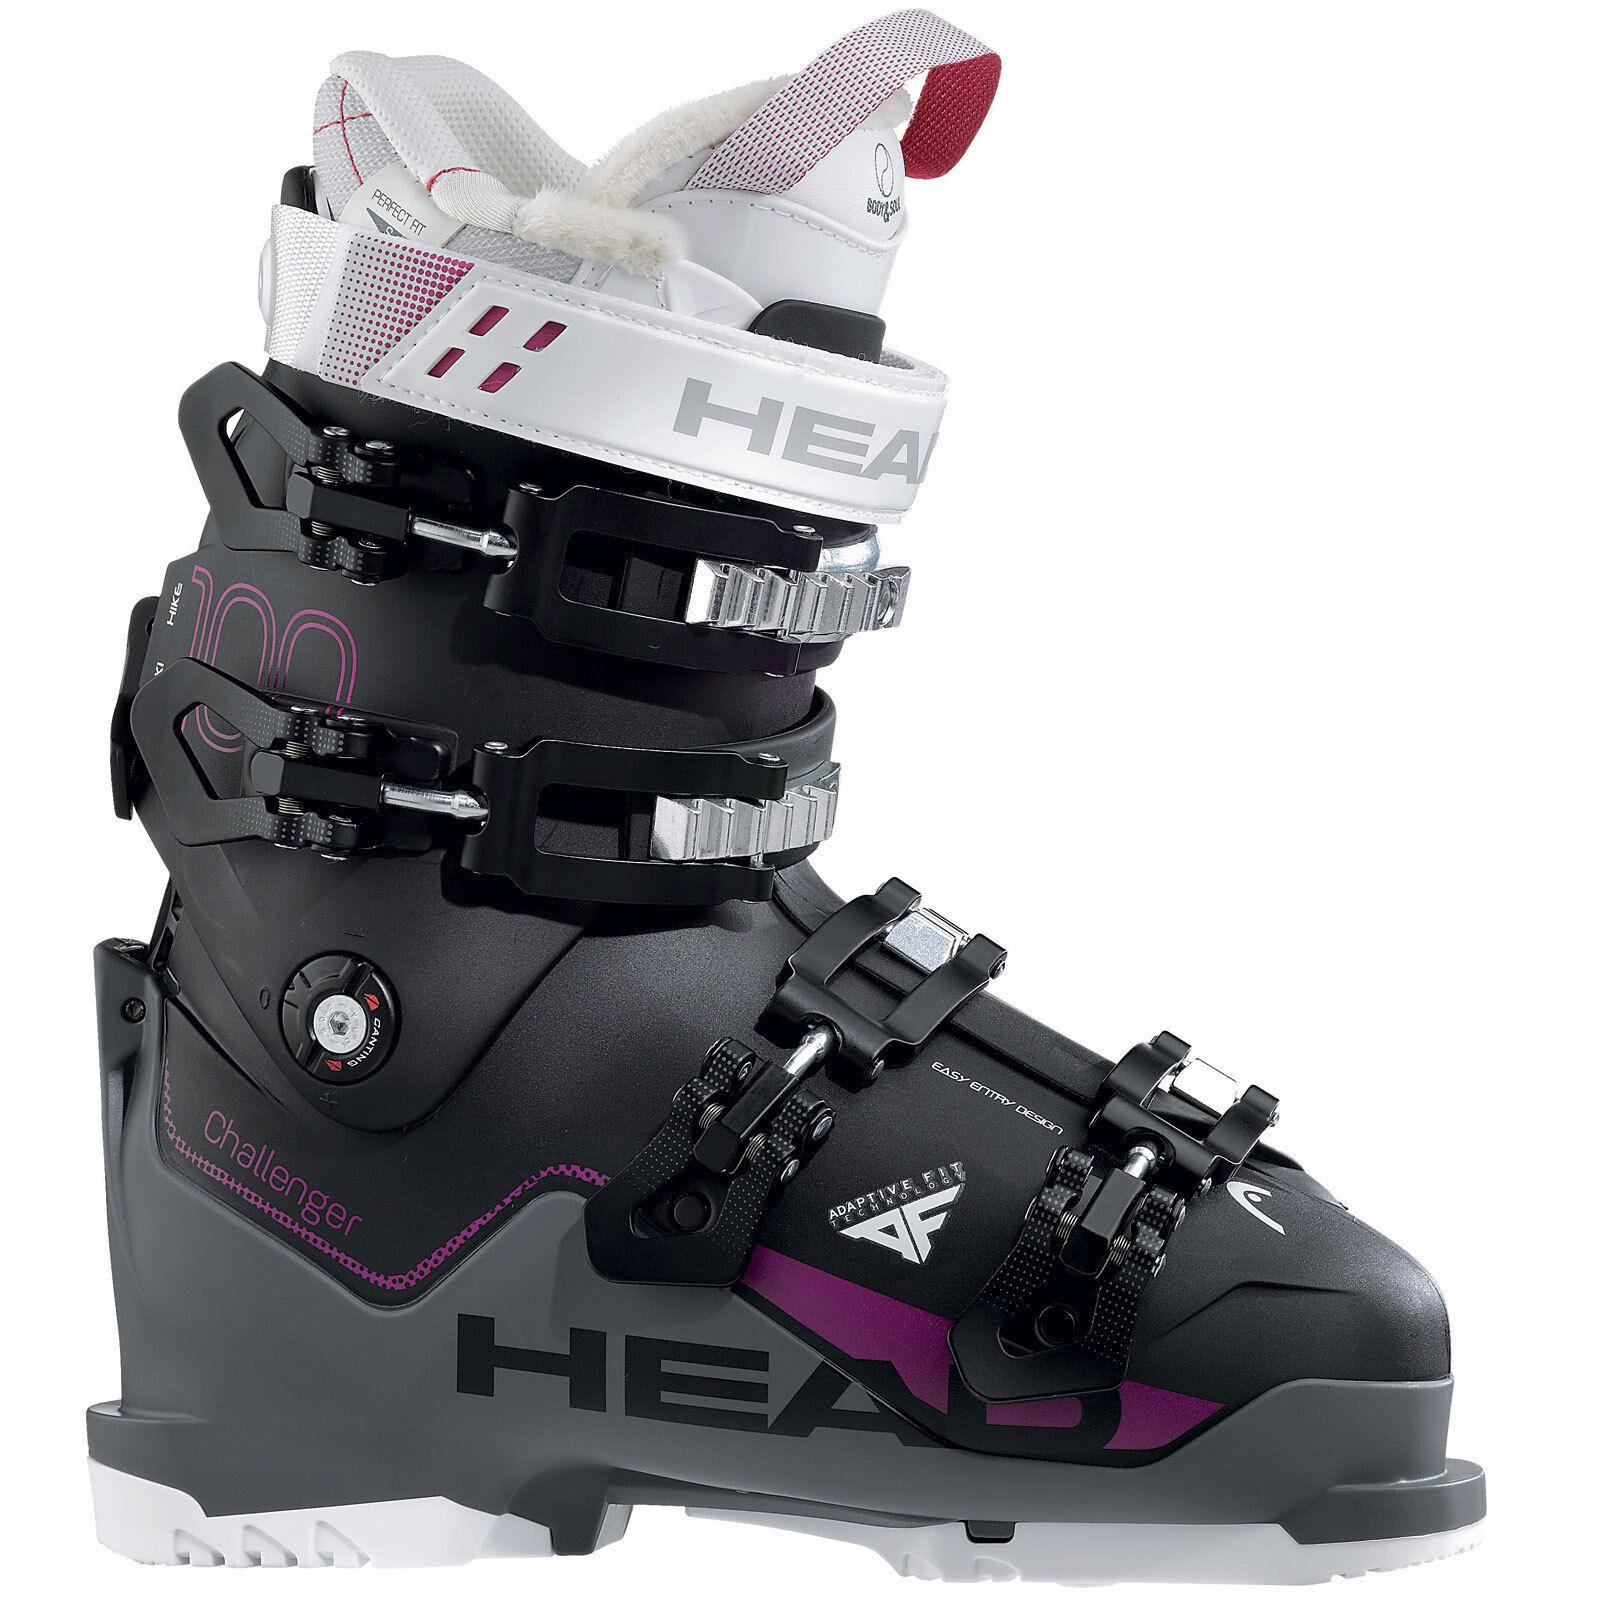 Head Challenger 100 W DaSie-Skischuhe SkiStiefel Skistiefel 4-Schnallen Frauen NEU